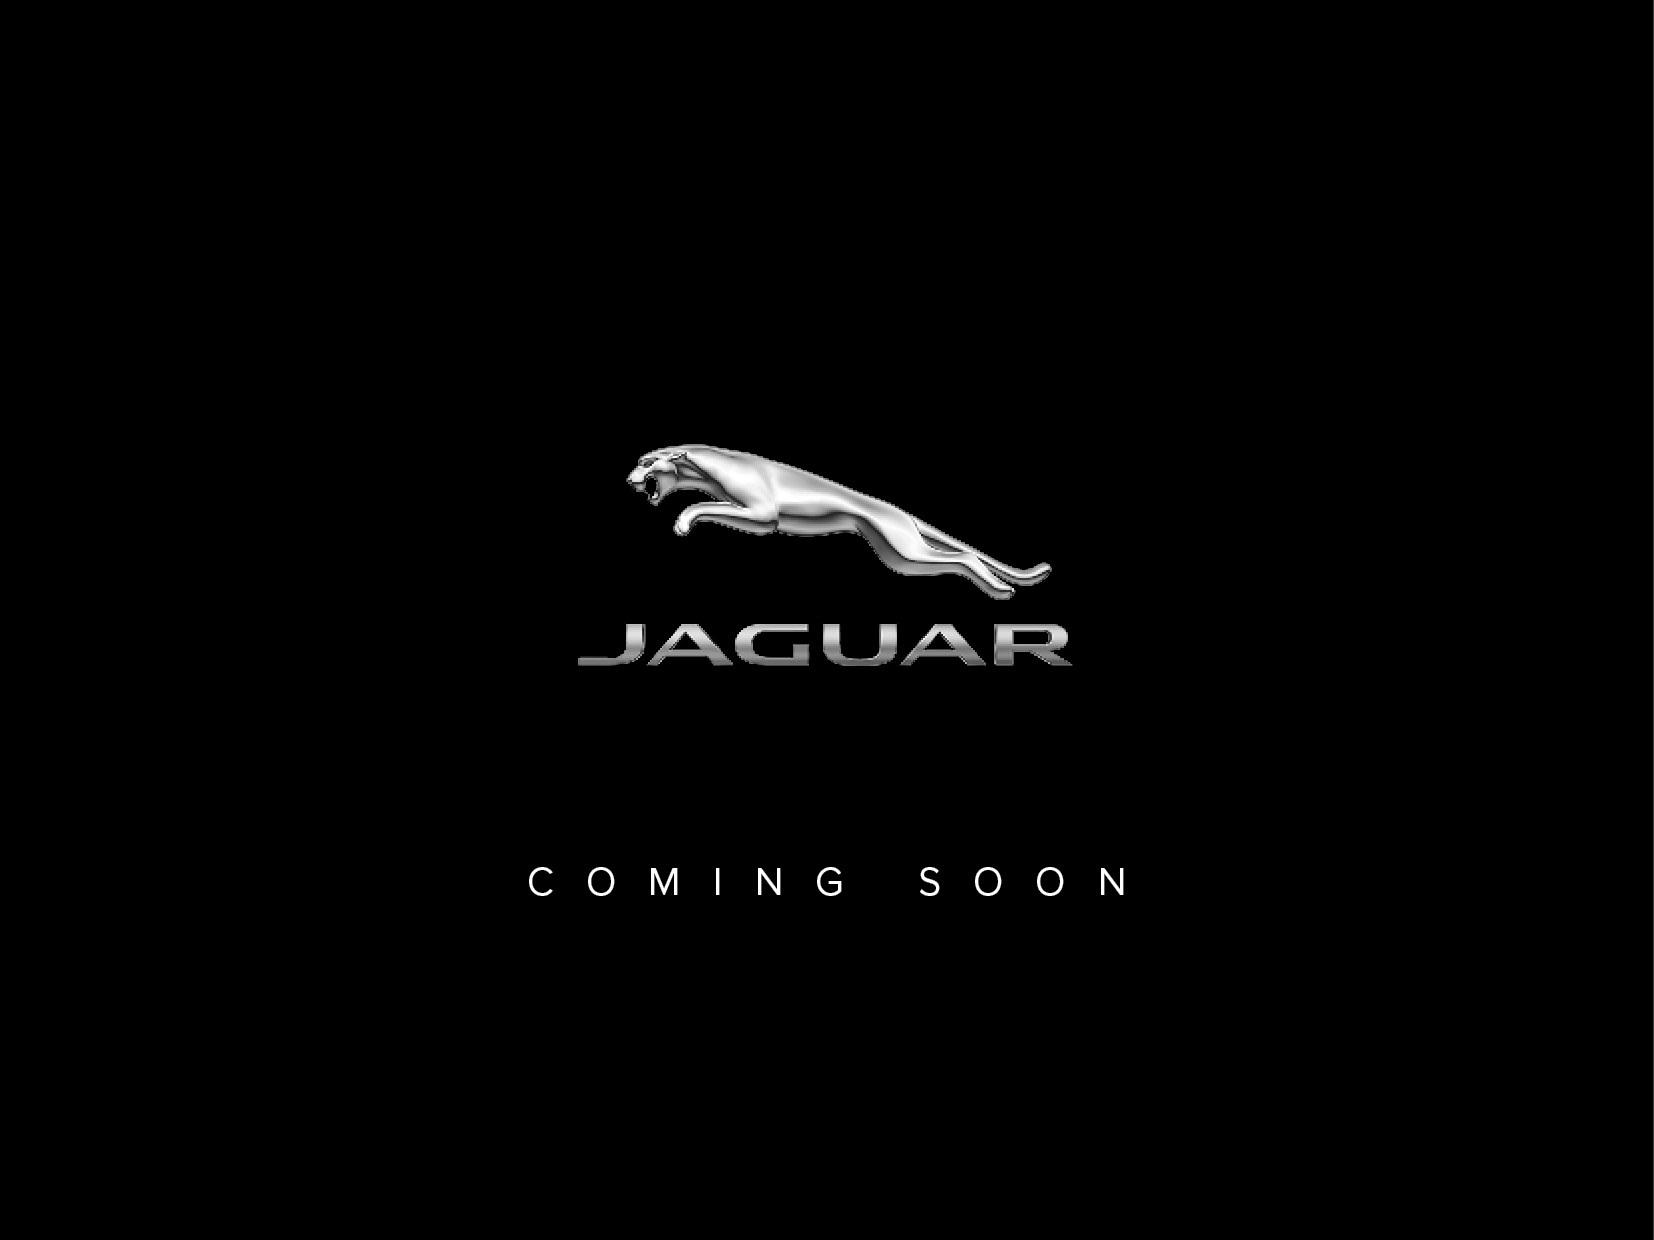 Jaguar XF 2.0d [240] R-Sport 5dr AWD Diesel Automatic 4 door Estate (2018)